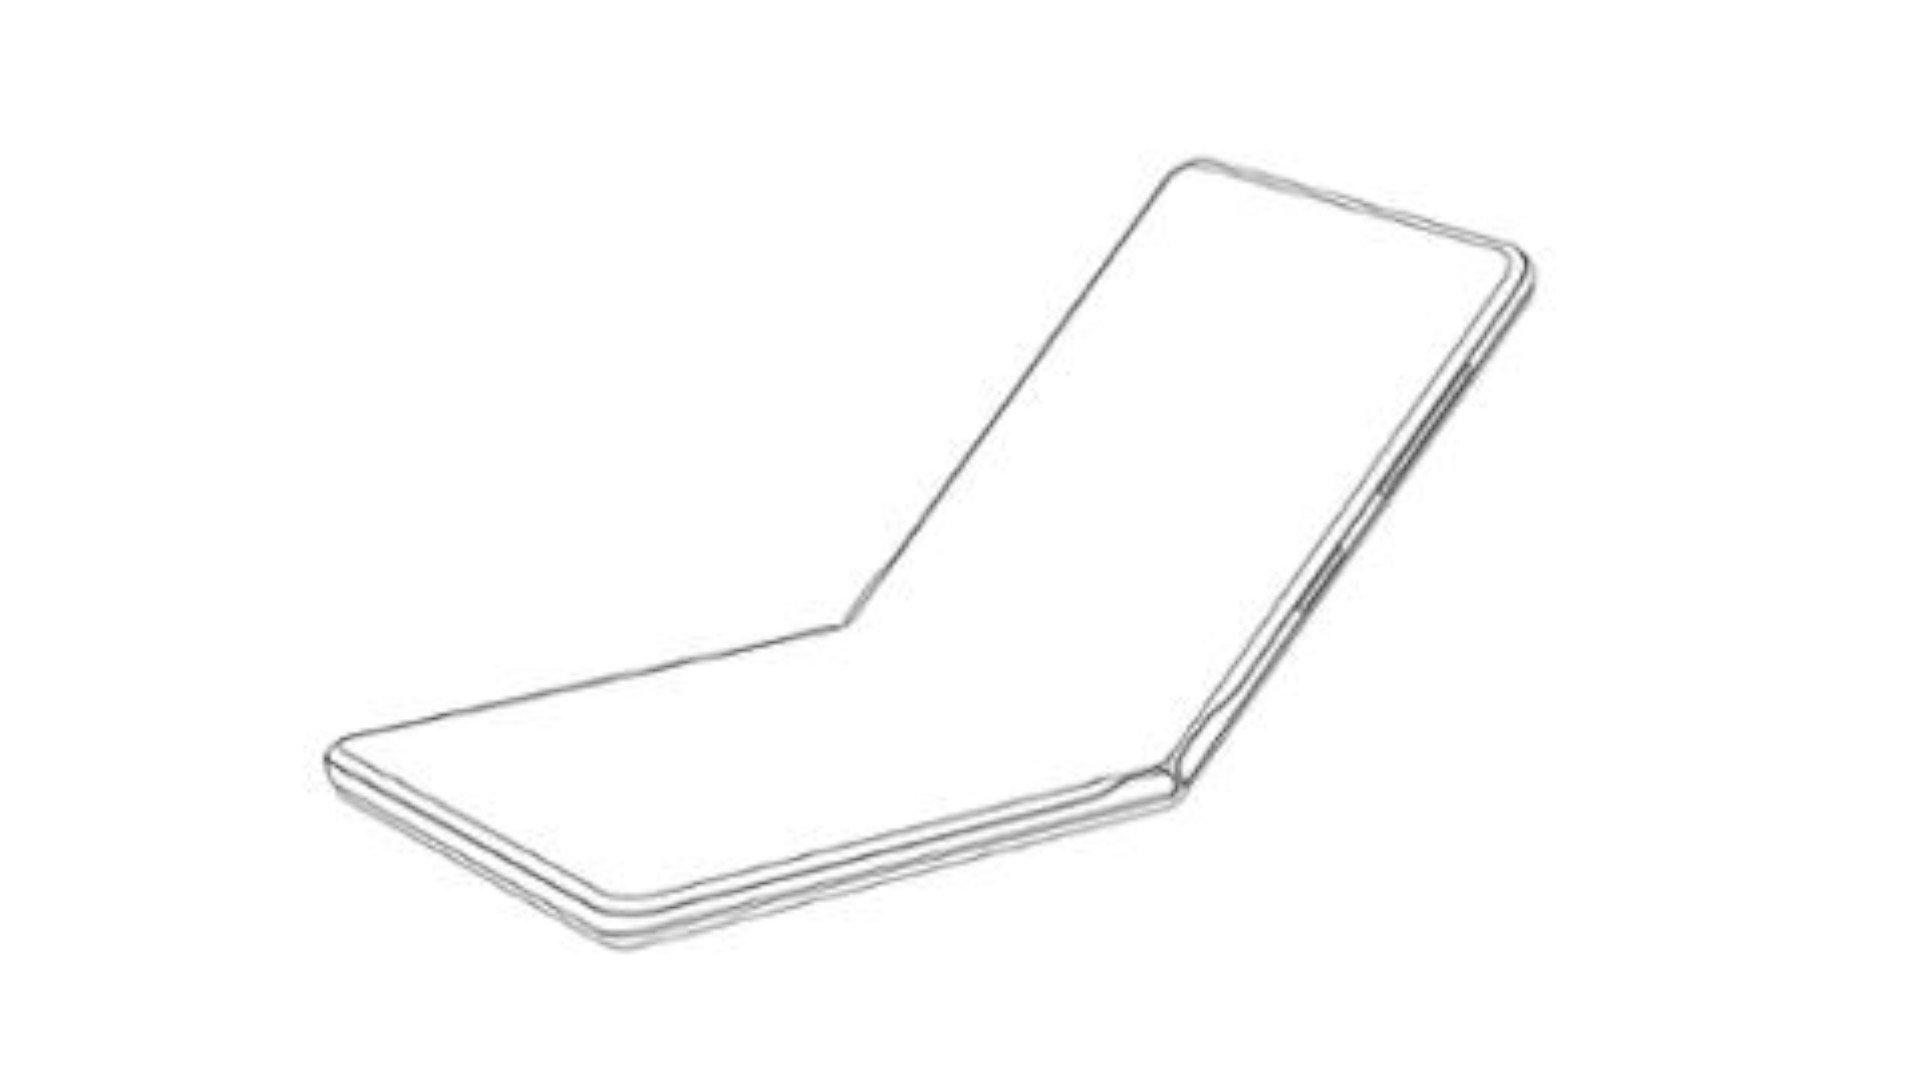 Huawei sarebbe al lavoro su un device pieghevole in stile